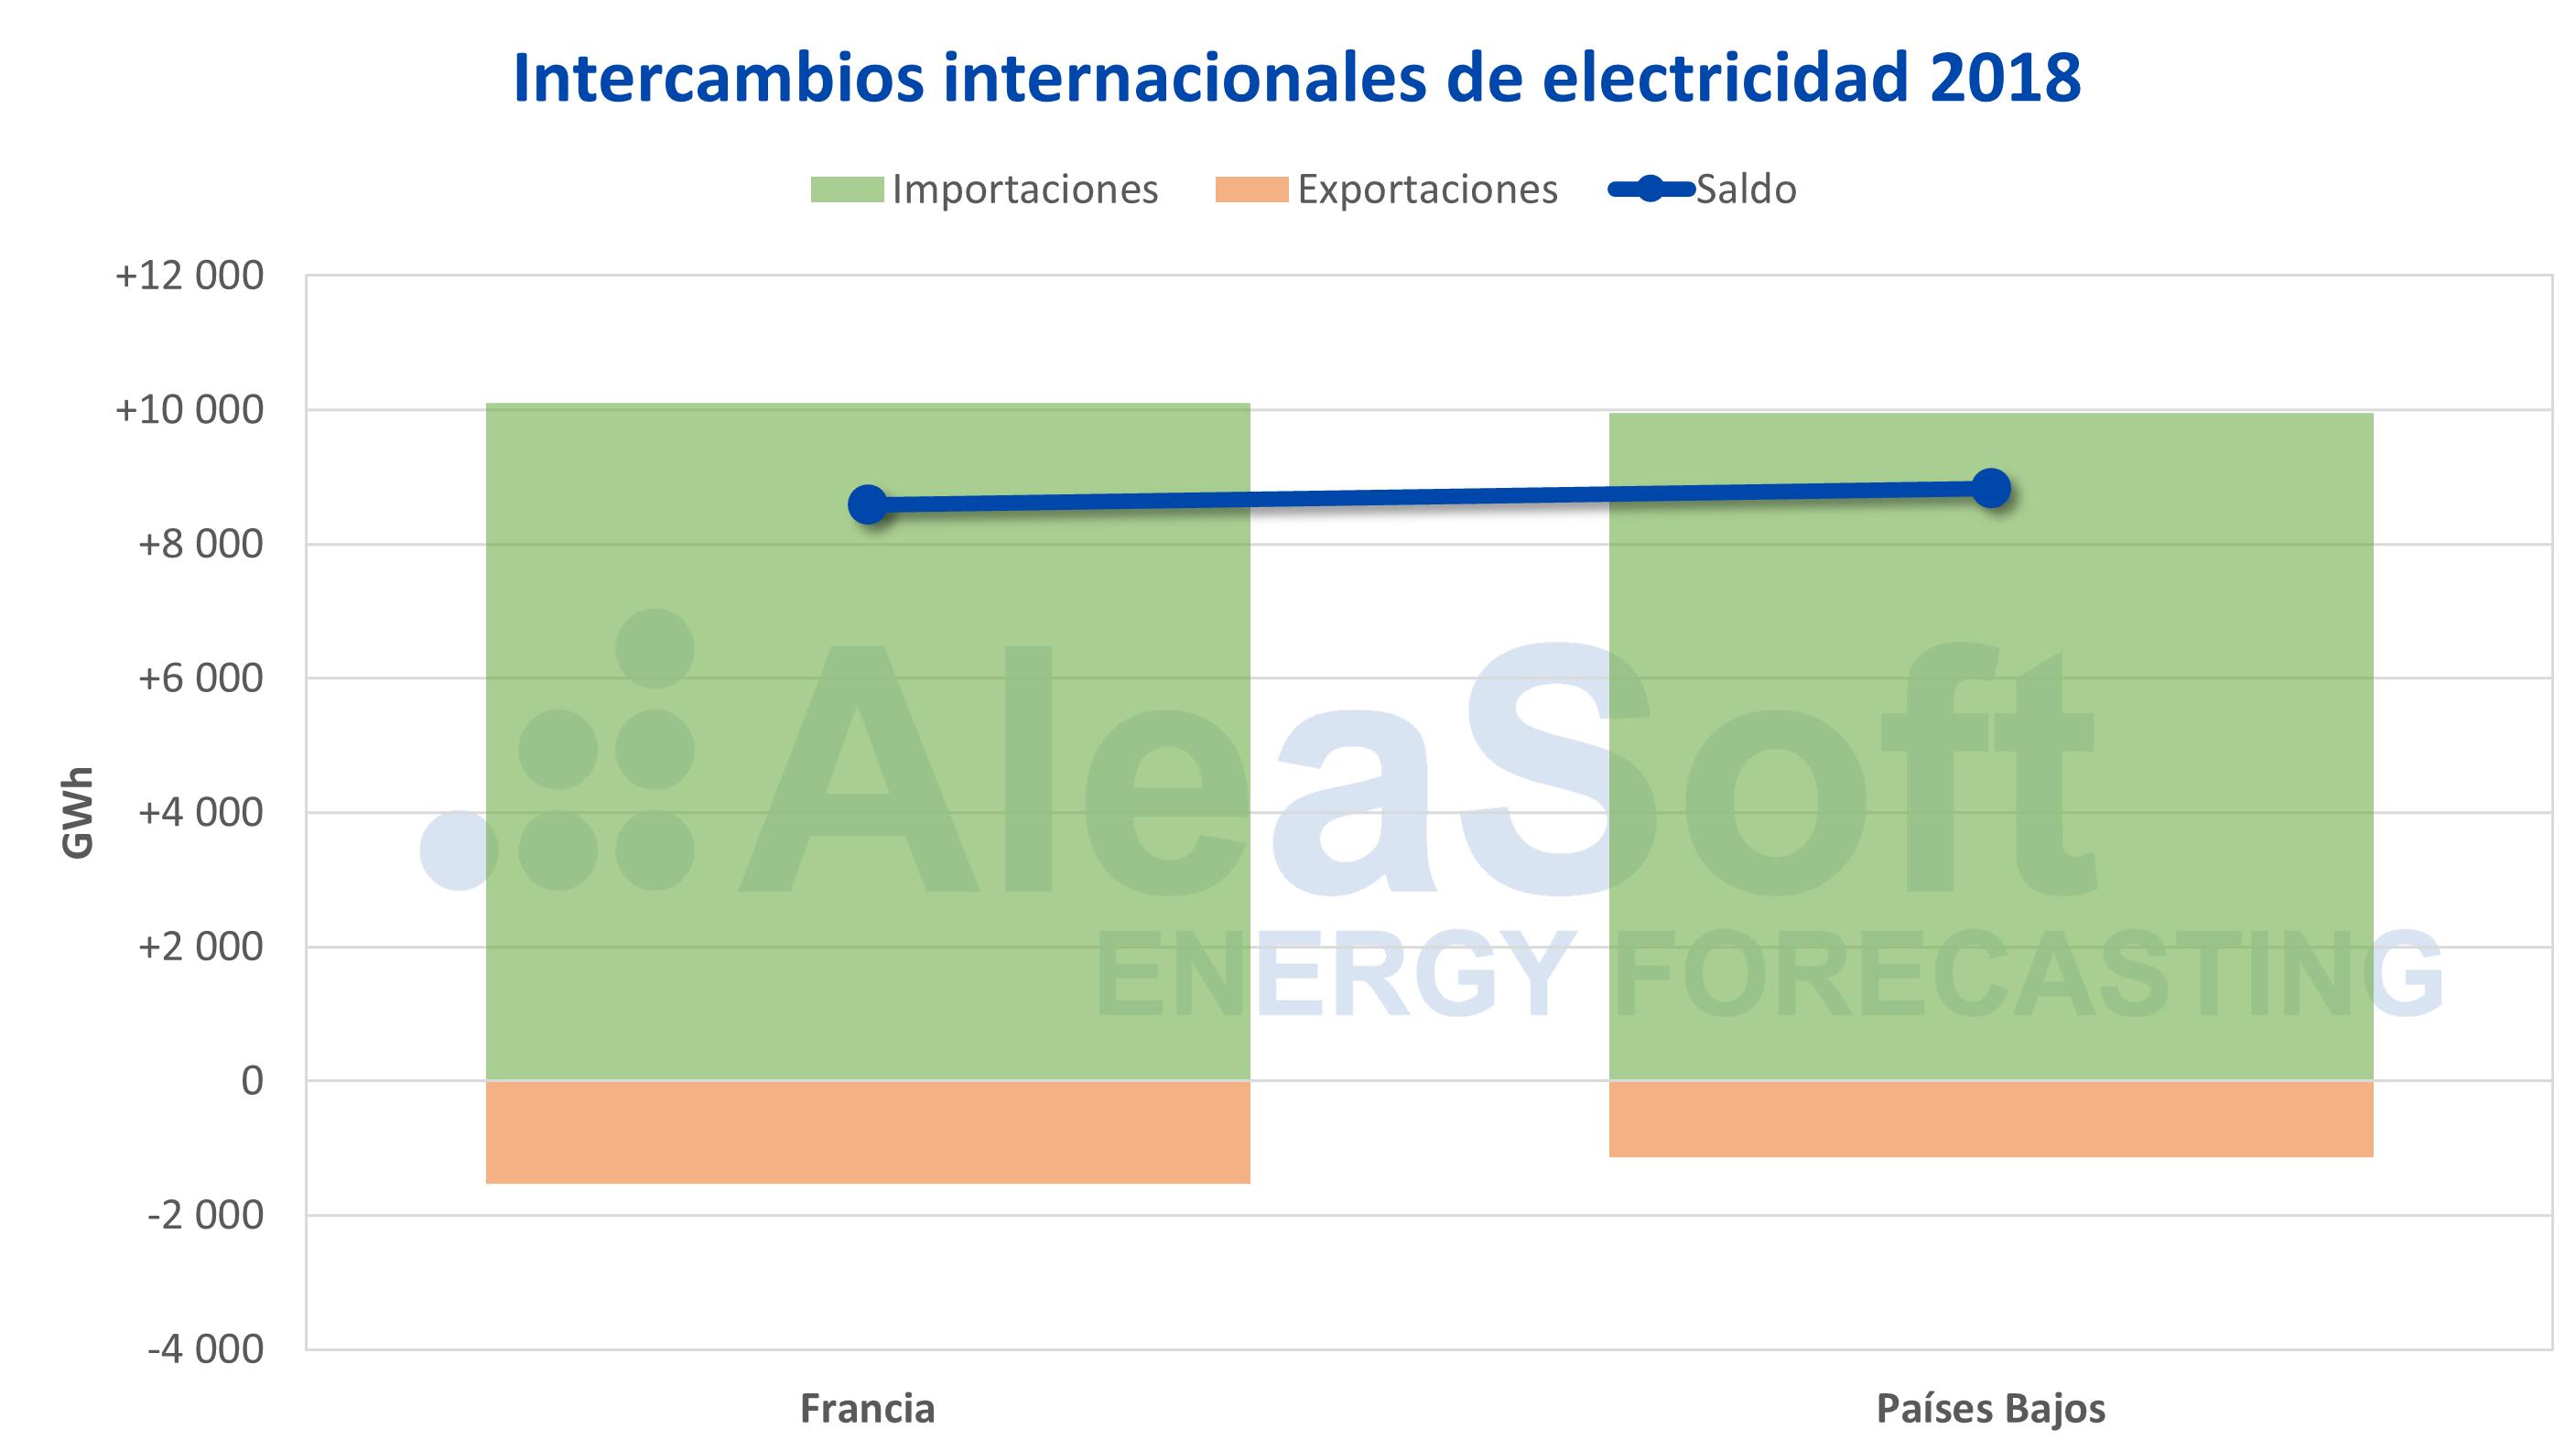 AleaSoft - Belgica intercambios internacionales electricidad 2018